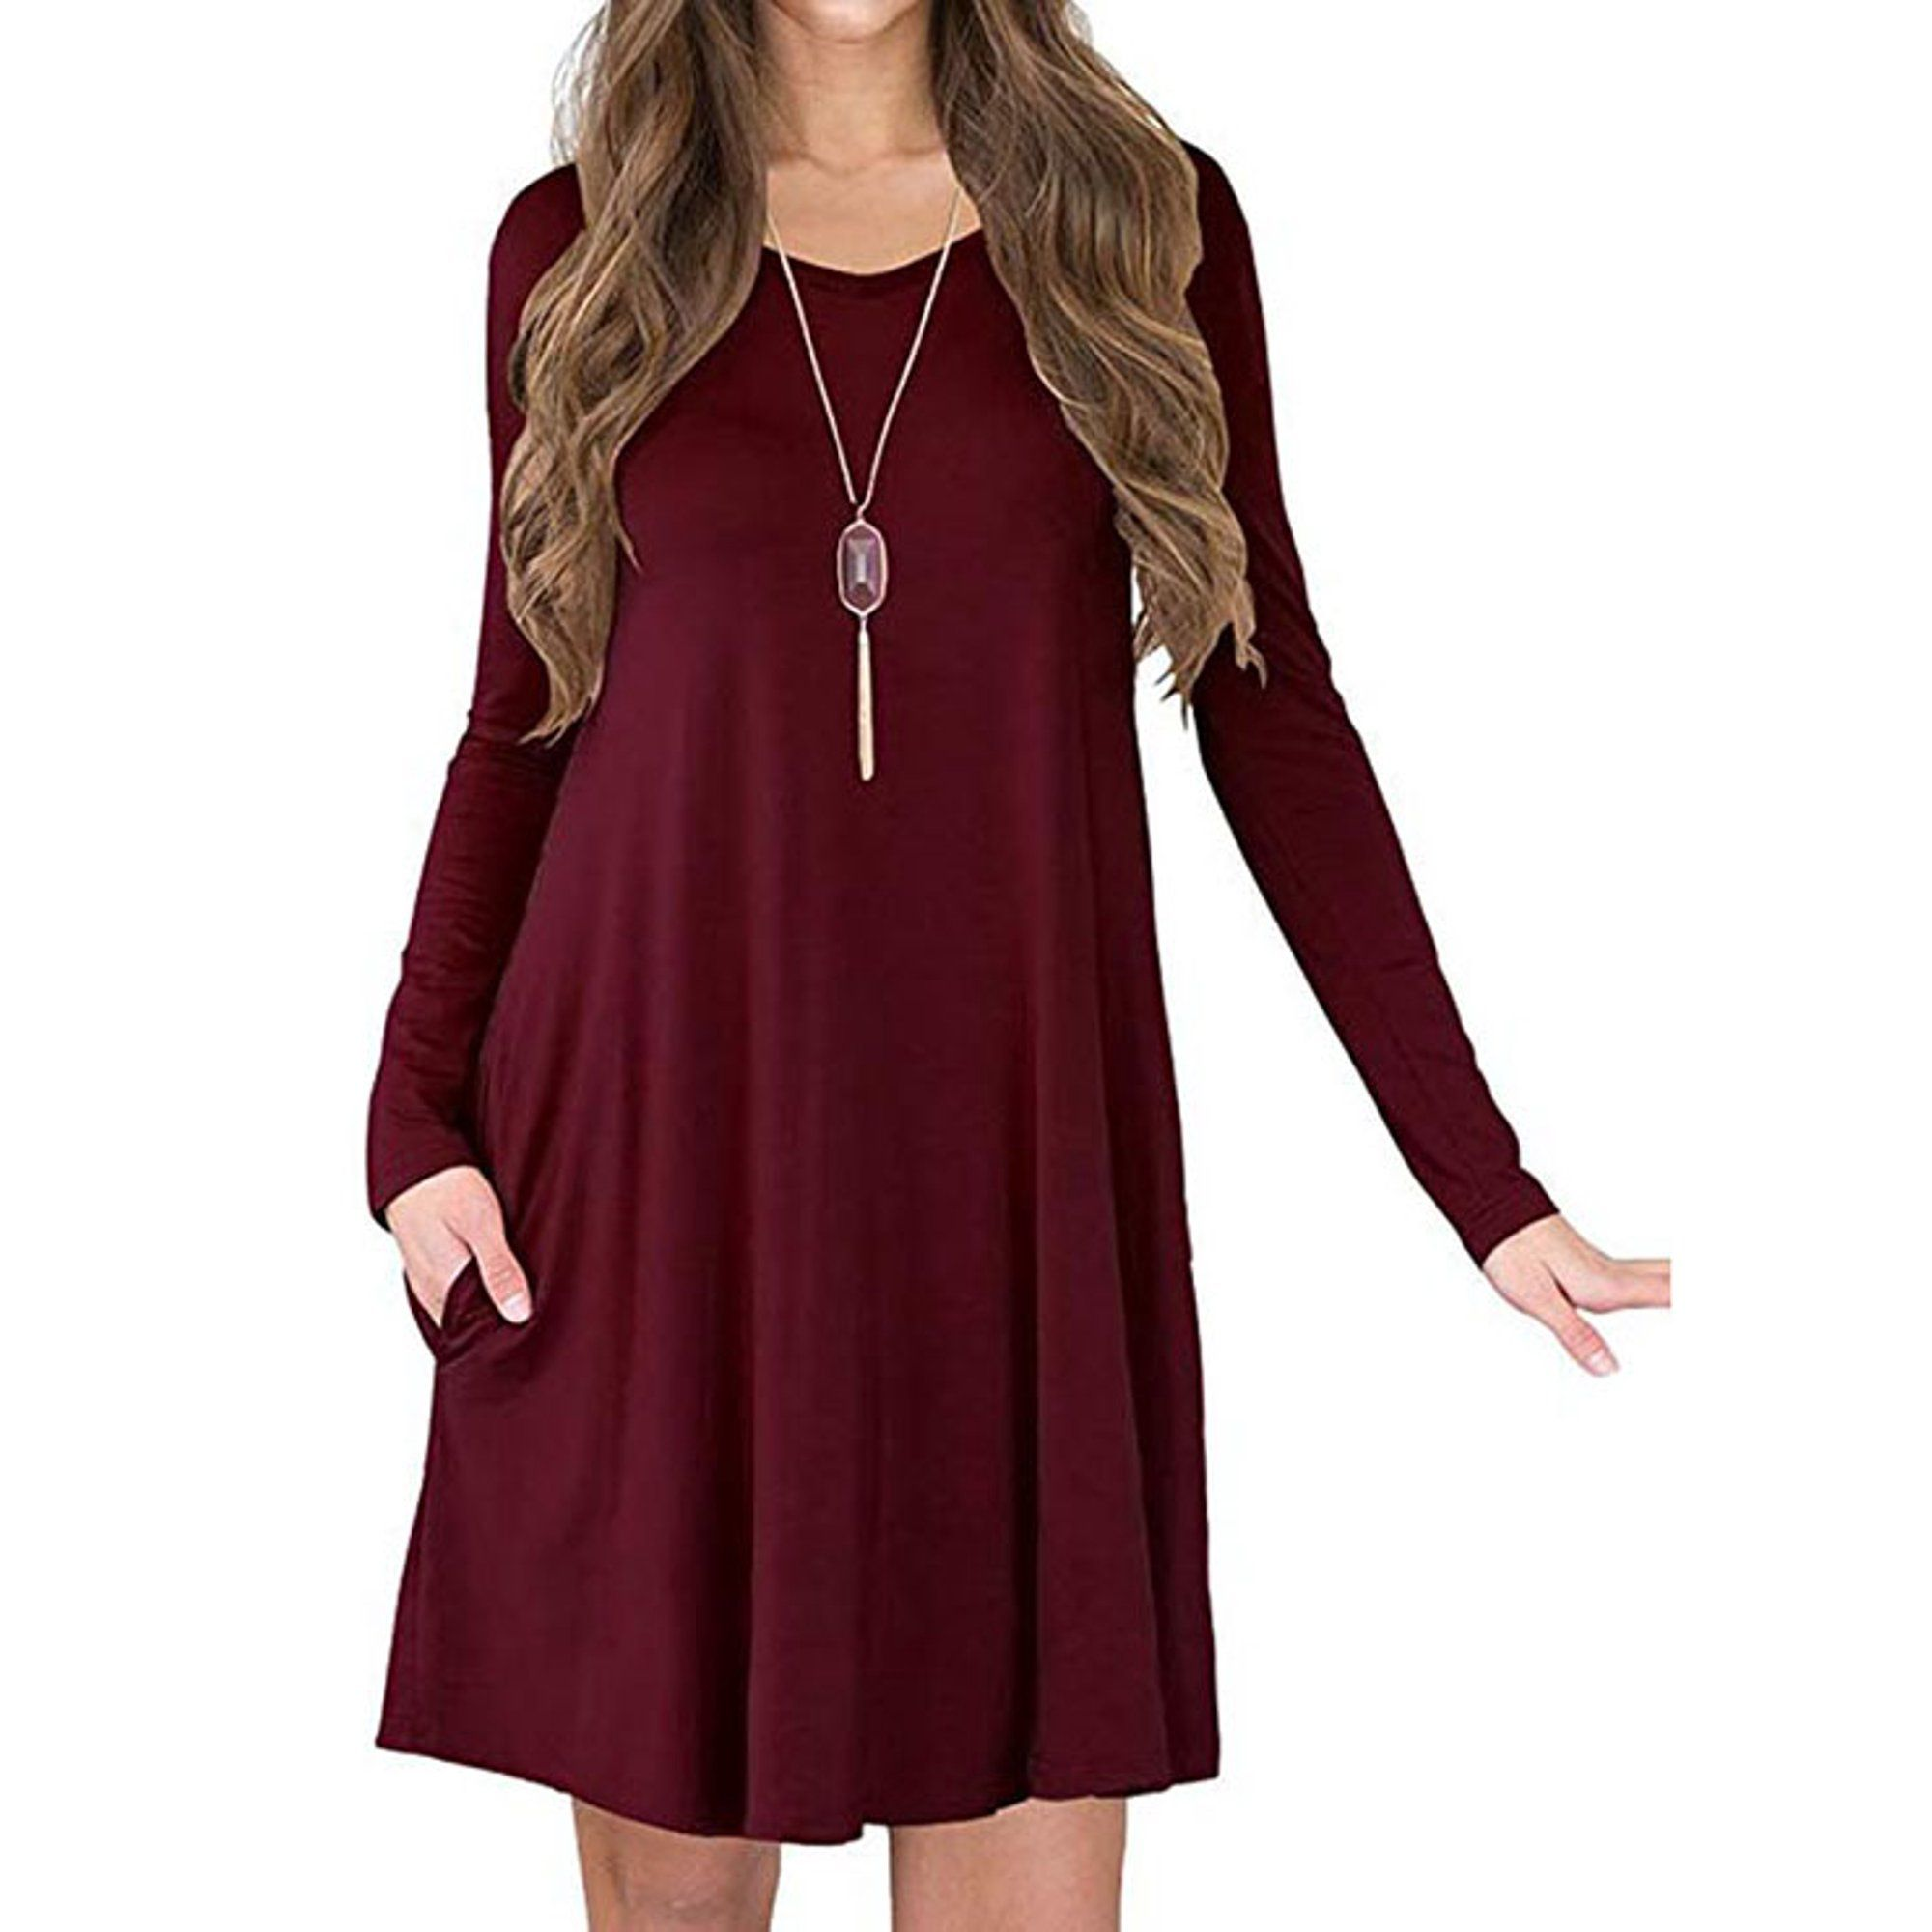 Vista Women S Long Sleeve Pockets Loose Fit Casual Swing Flowy T Shirt Dress Walmart Co Swing Dress Outfit Fall Loose Tshirt Dress Long Sleeve Tshirt Dress [ 2000 x 2000 Pixel ]